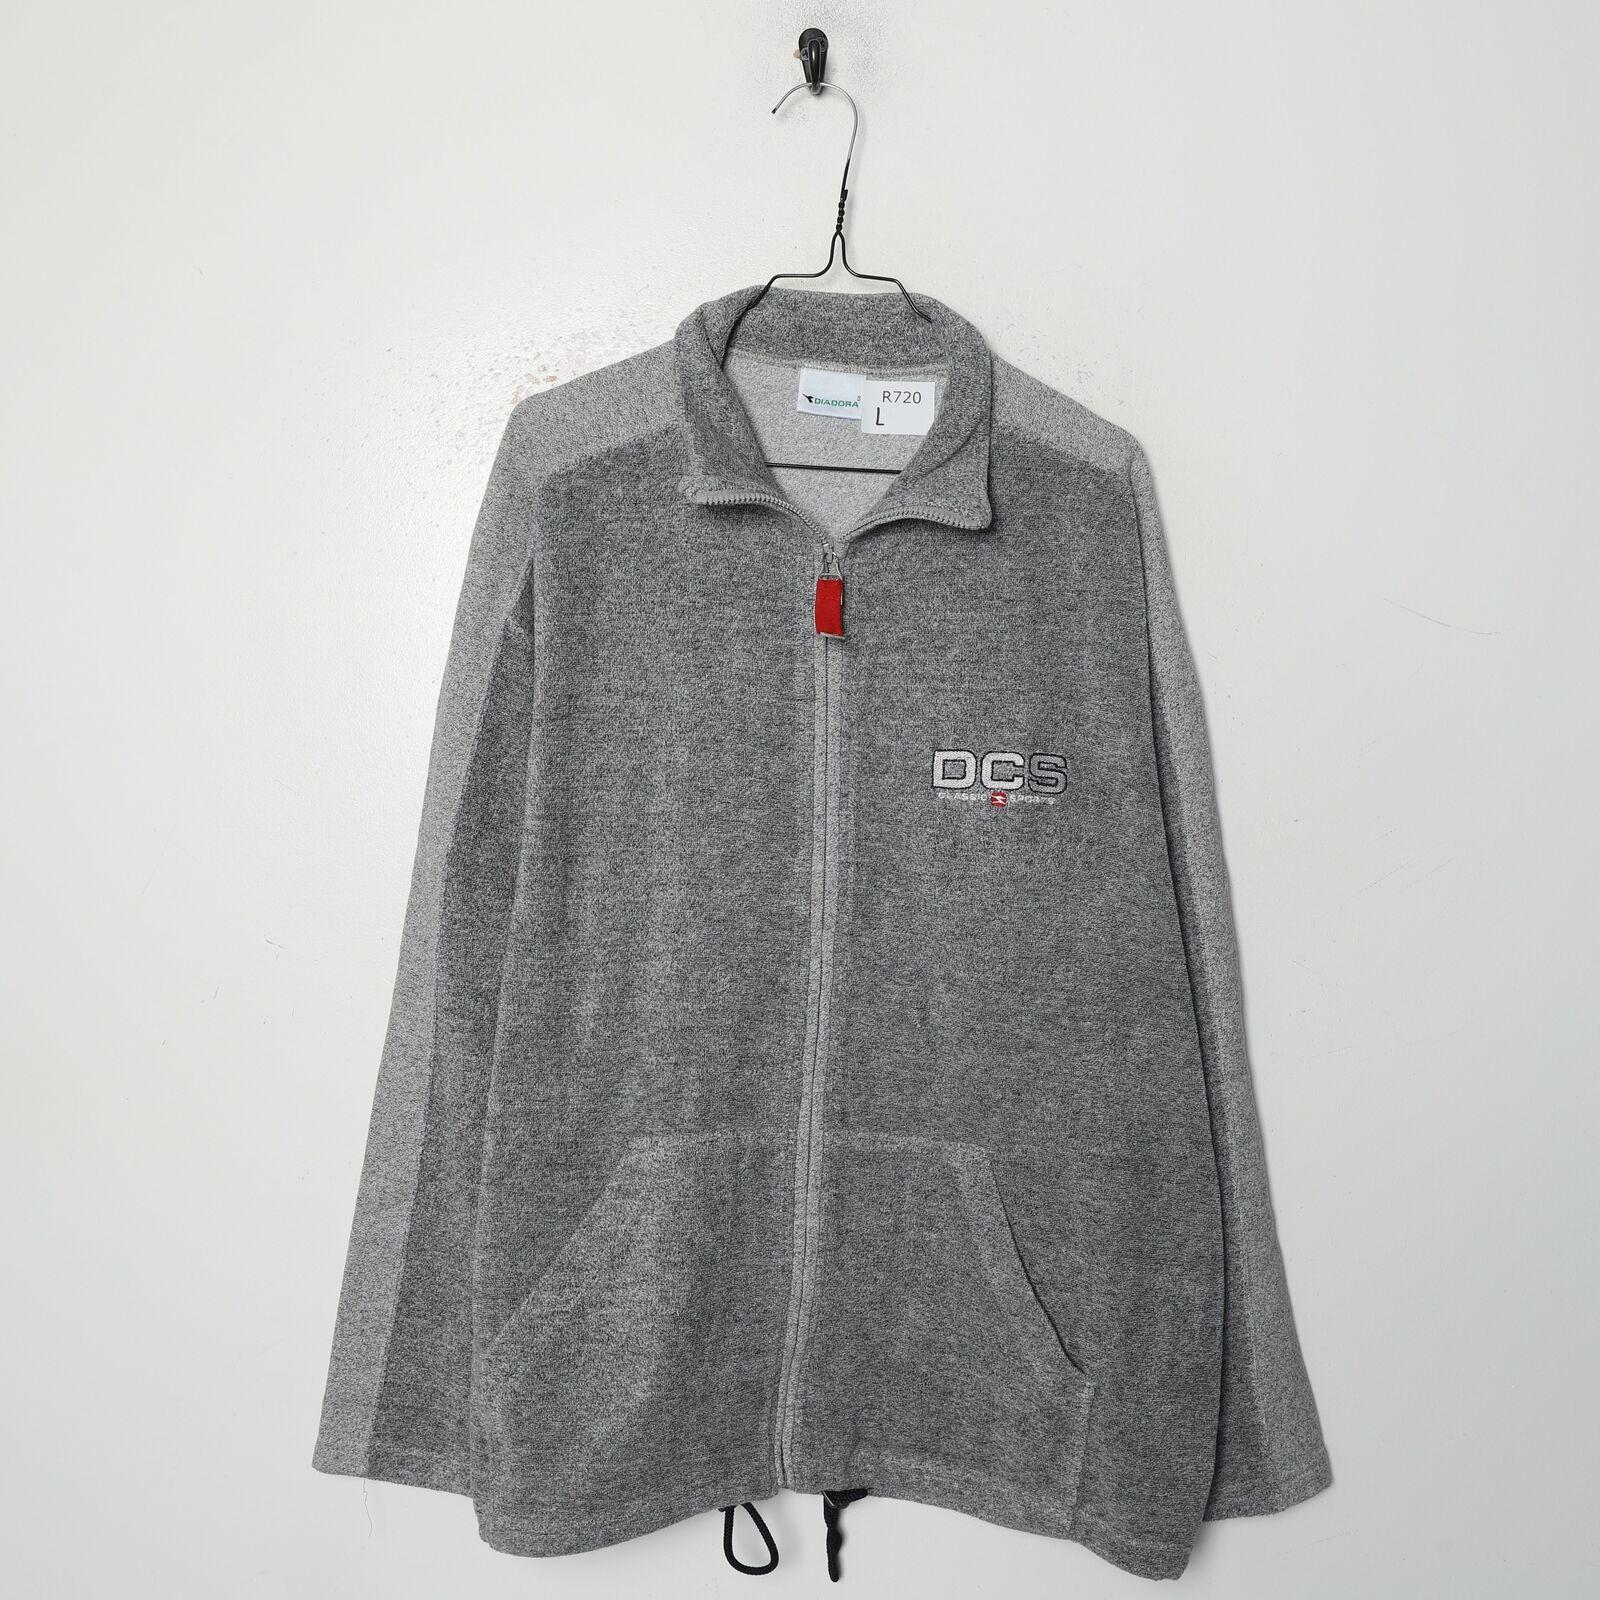 DIADORA Zip Up Fleece Top Grey | Large L